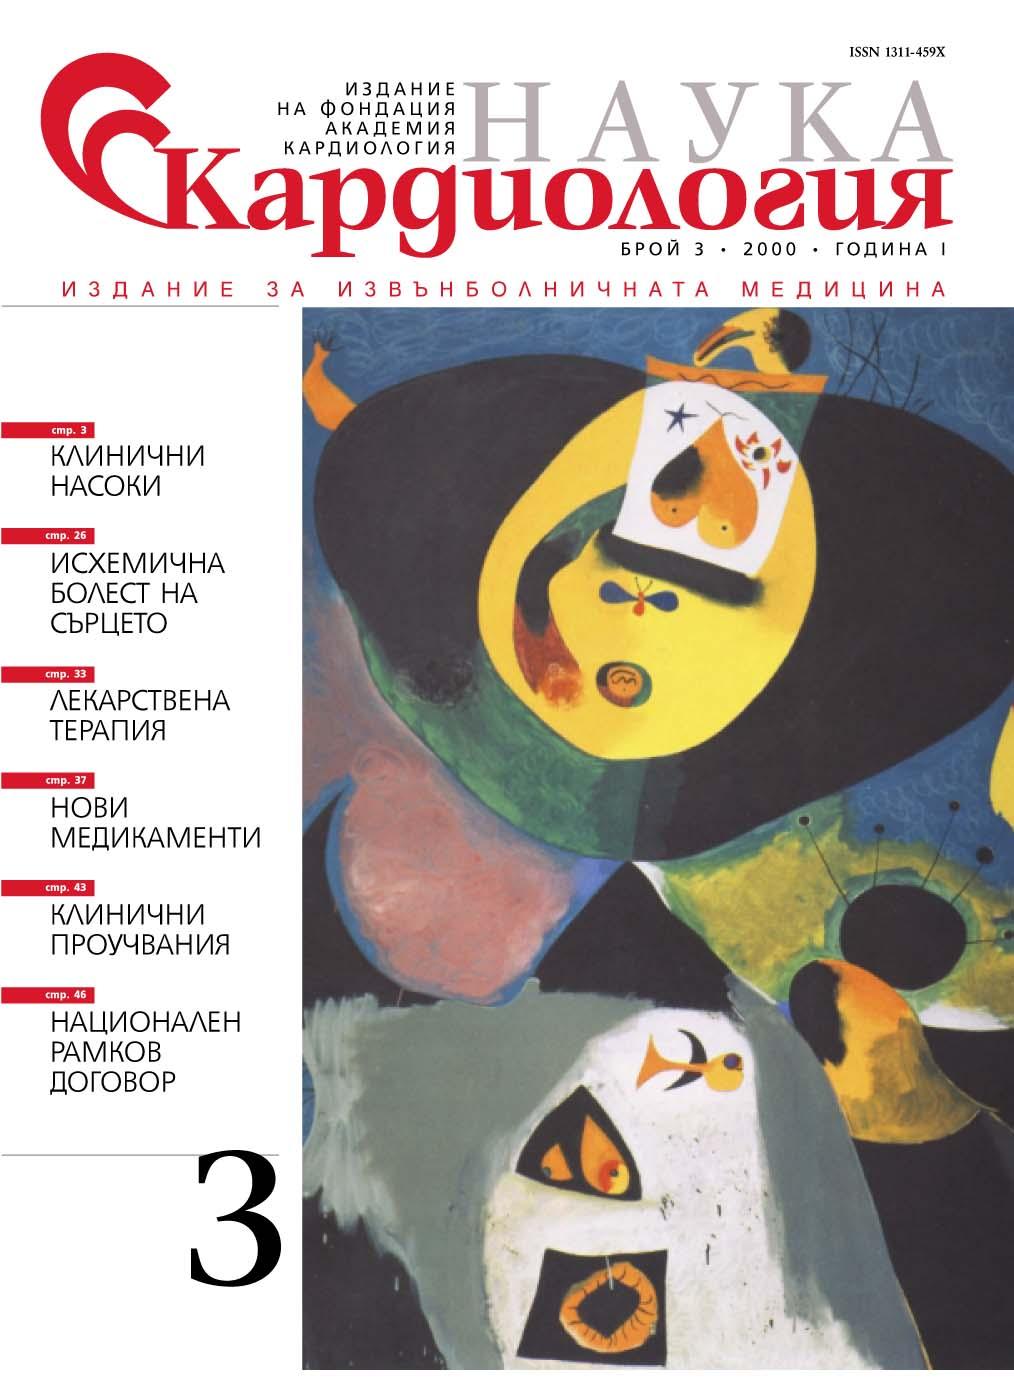 Наука Кардиология 1/2000